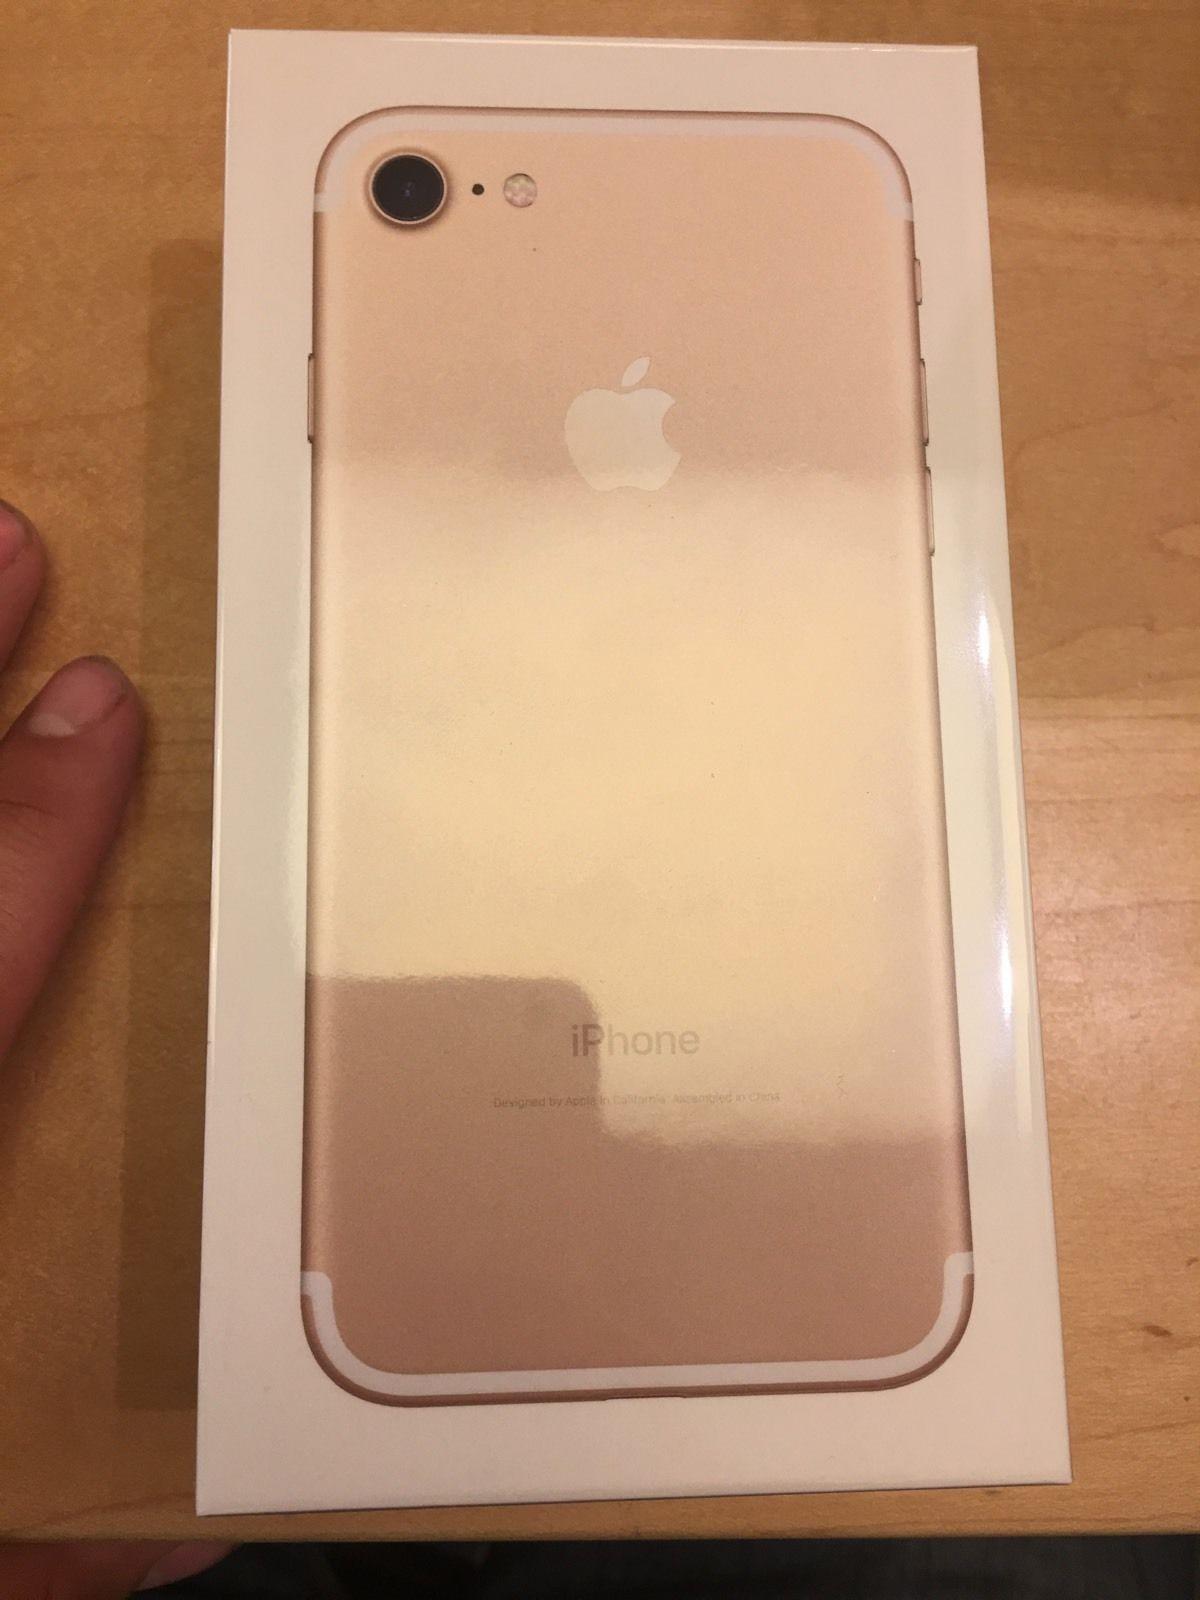 apple iphone 7 128gb rose gold. Black Bedroom Furniture Sets. Home Design Ideas